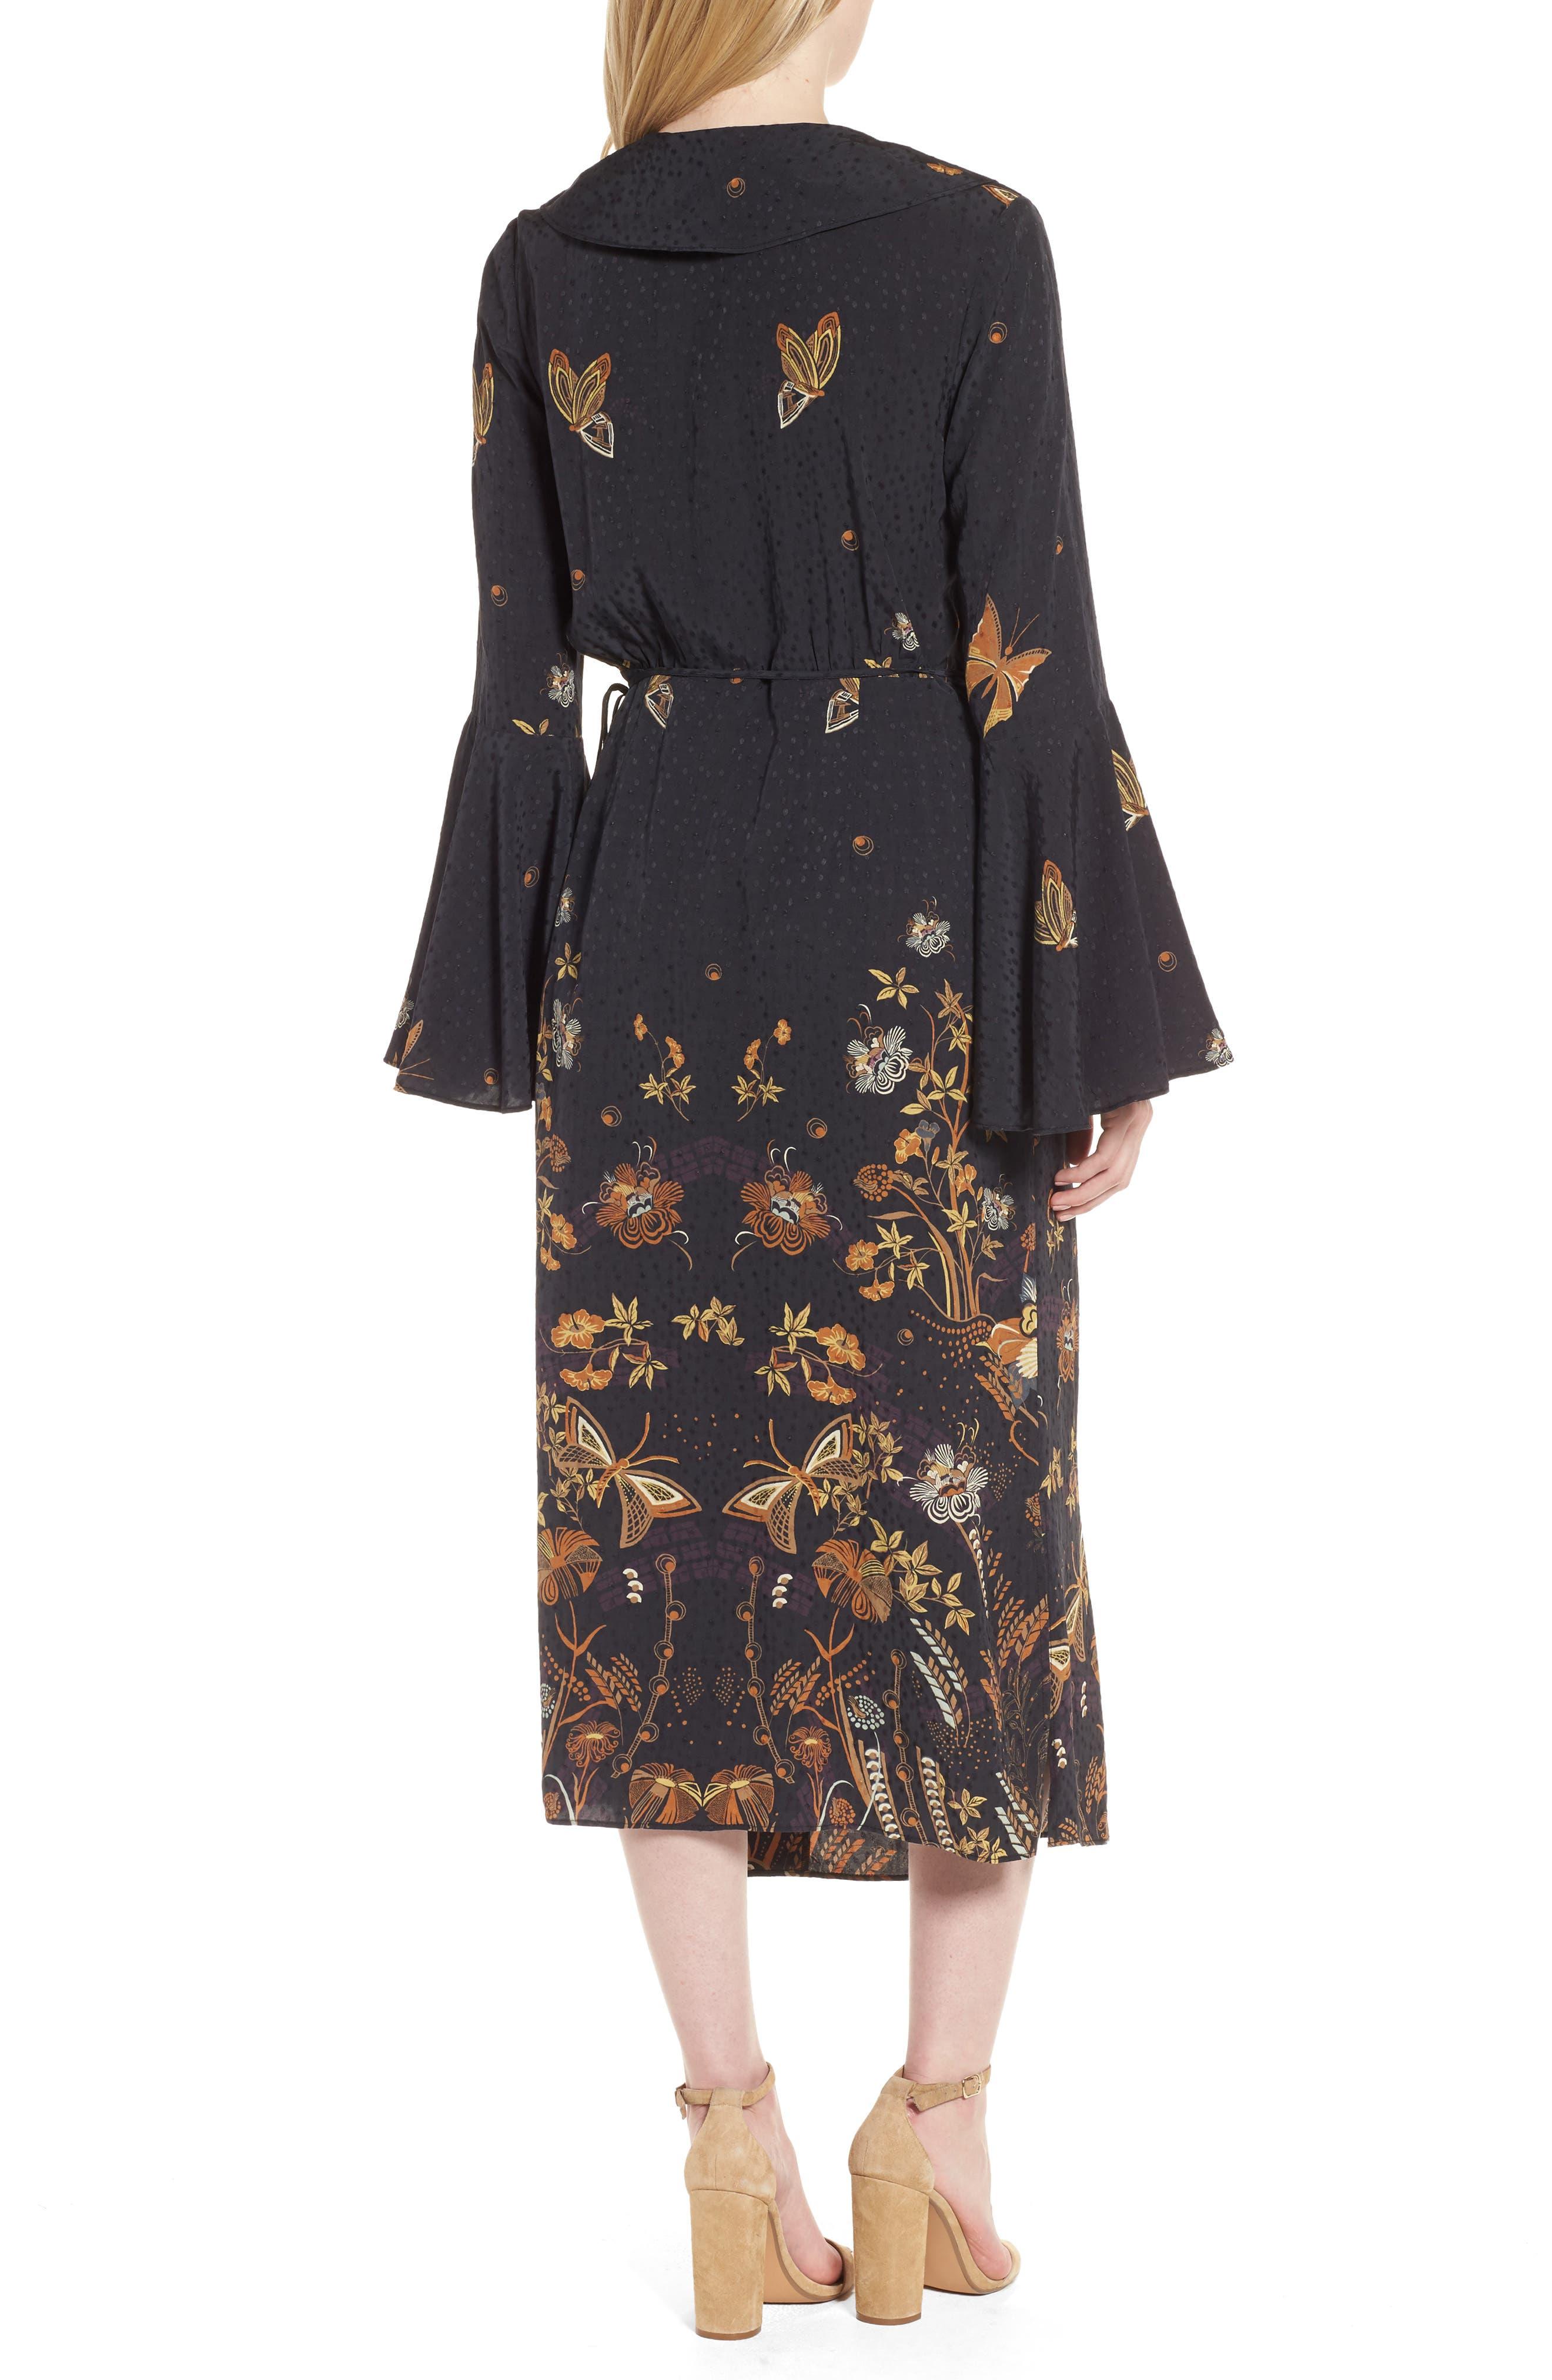 Jacquard Midi Wrap Dress,                             Alternate thumbnail 2, color,                             Black Decorative Scenery Print